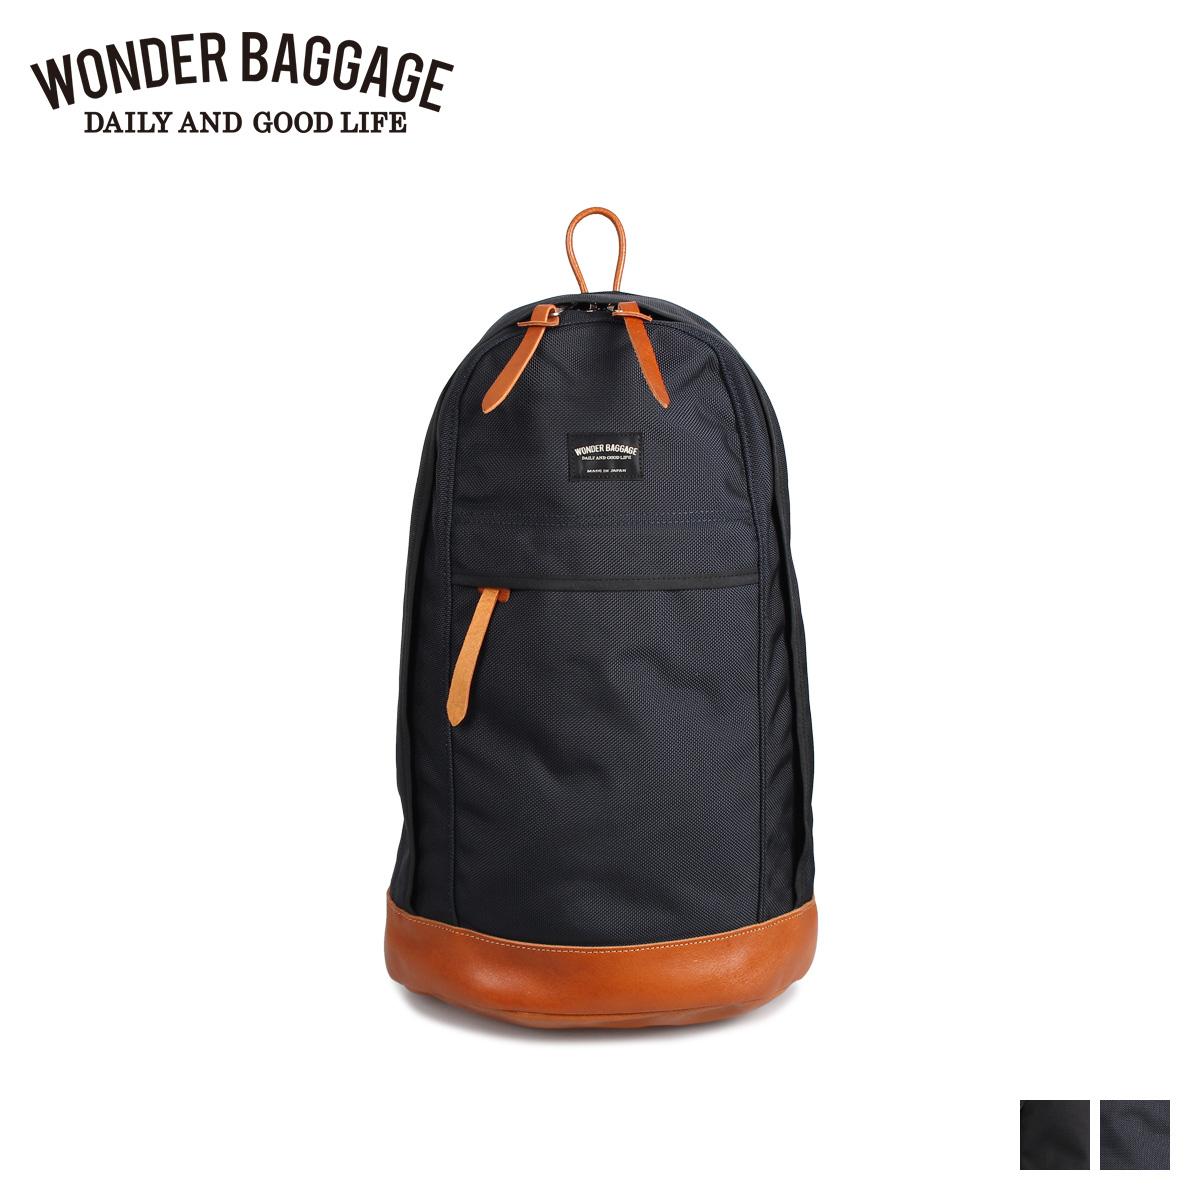 WONDER BAGGAGE DATPACK ワンダーバゲージ リュック バッグ バックパック メンズ ブラック ネイビー 黒 WB-G-001